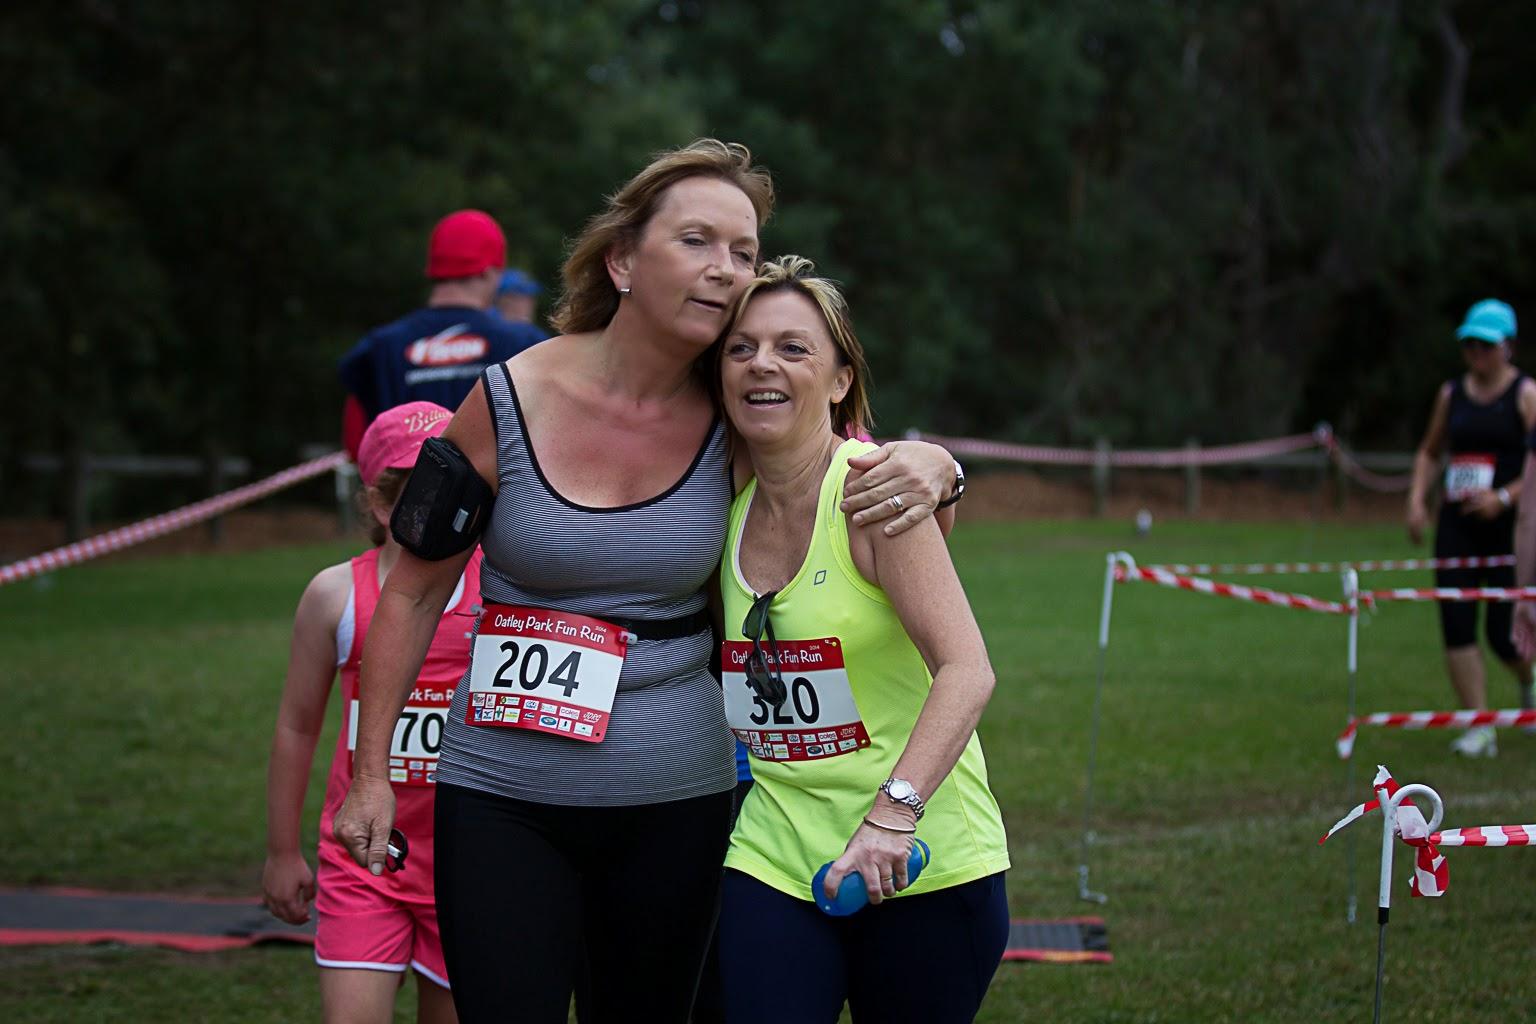 2014_Oately Fun Run_5km Finish-263.jpg